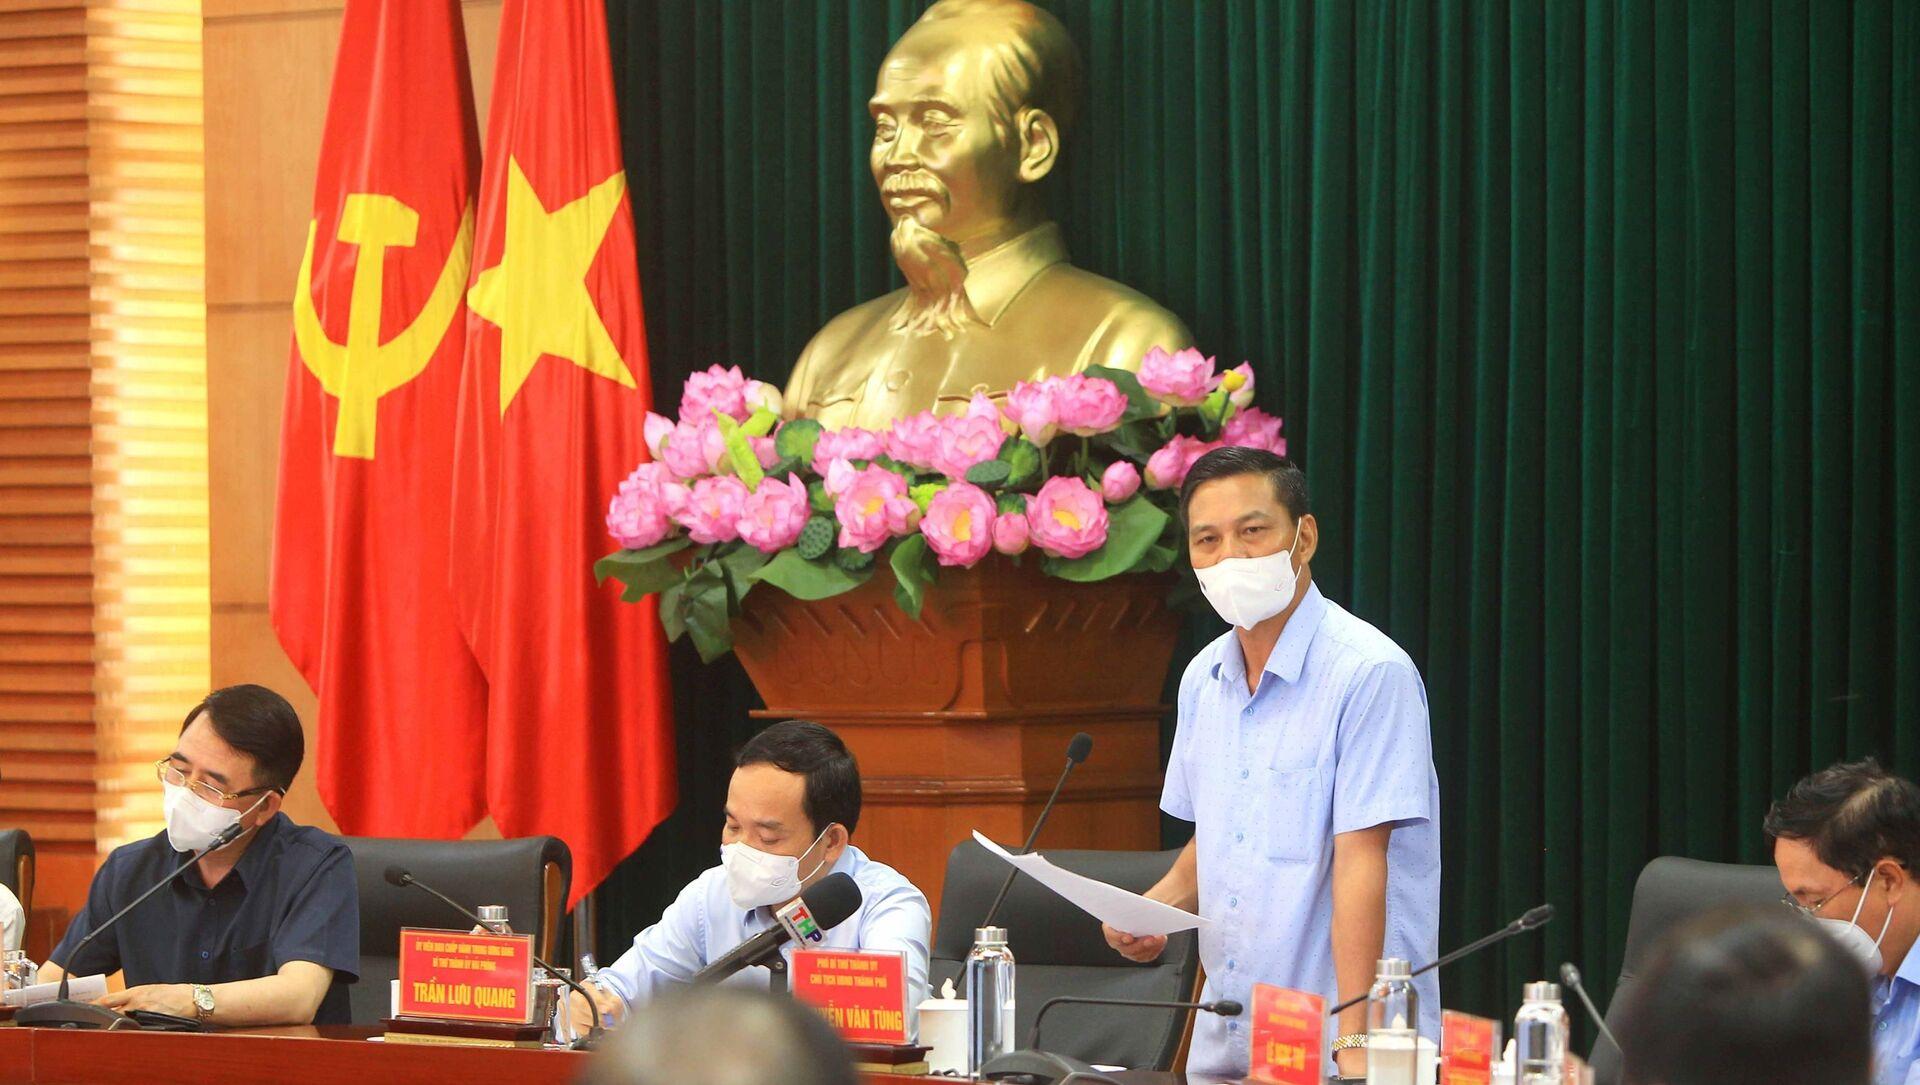 Chủ tịch Ủy ban nhân dân thành phố Hải Phòng Nguyễn Văn Tùng phát biểu tại buổi làm việc. - Sputnik Việt Nam, 1920, 08.05.2021